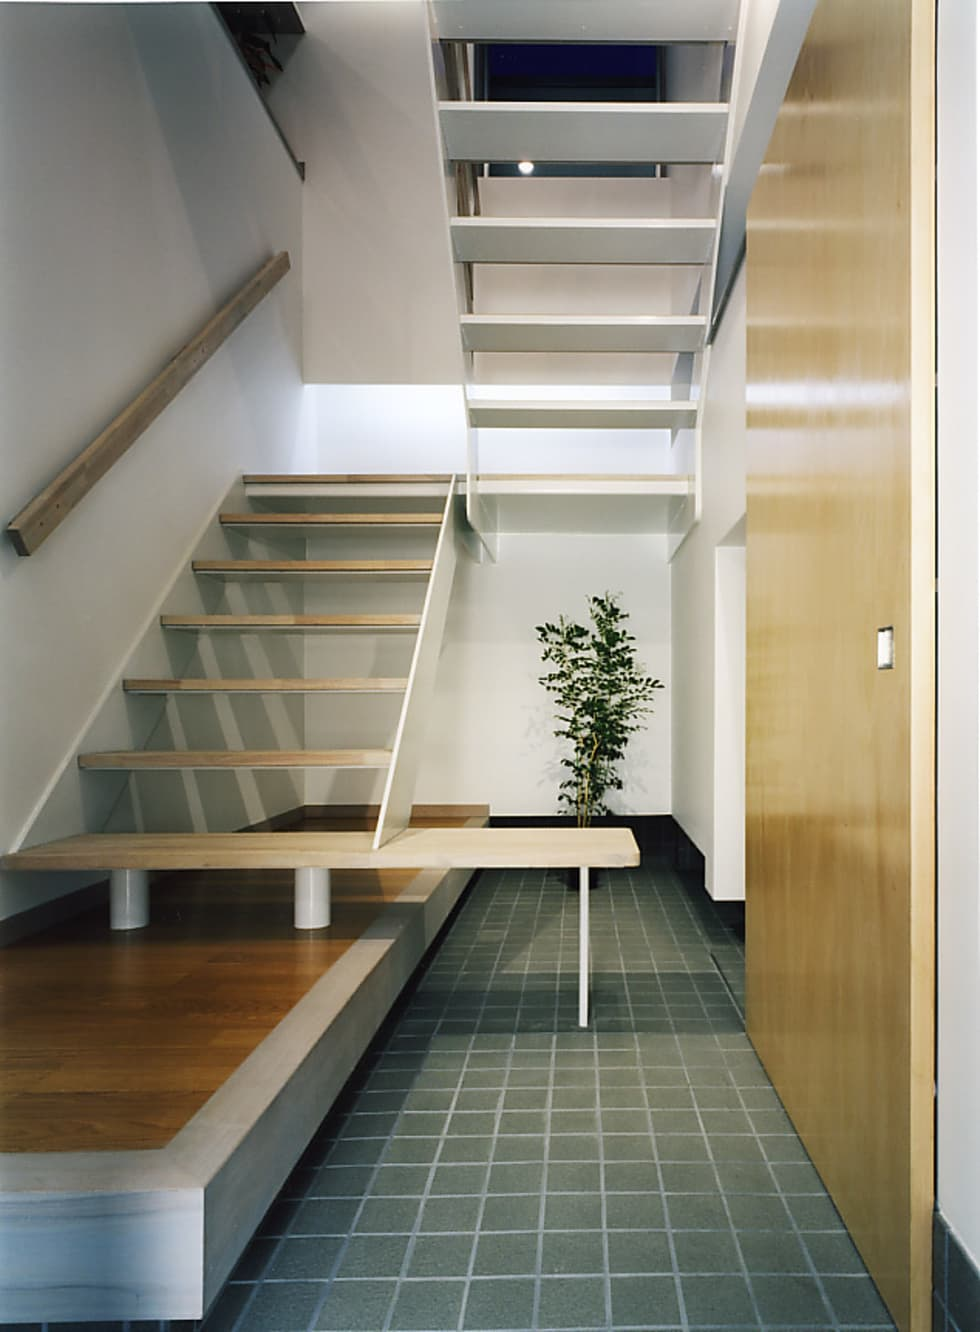 玄関 階段: 濱嵜良実+株式会社 浜﨑工務店一級建築士事務所が手掛けた廊下 & 玄関です。